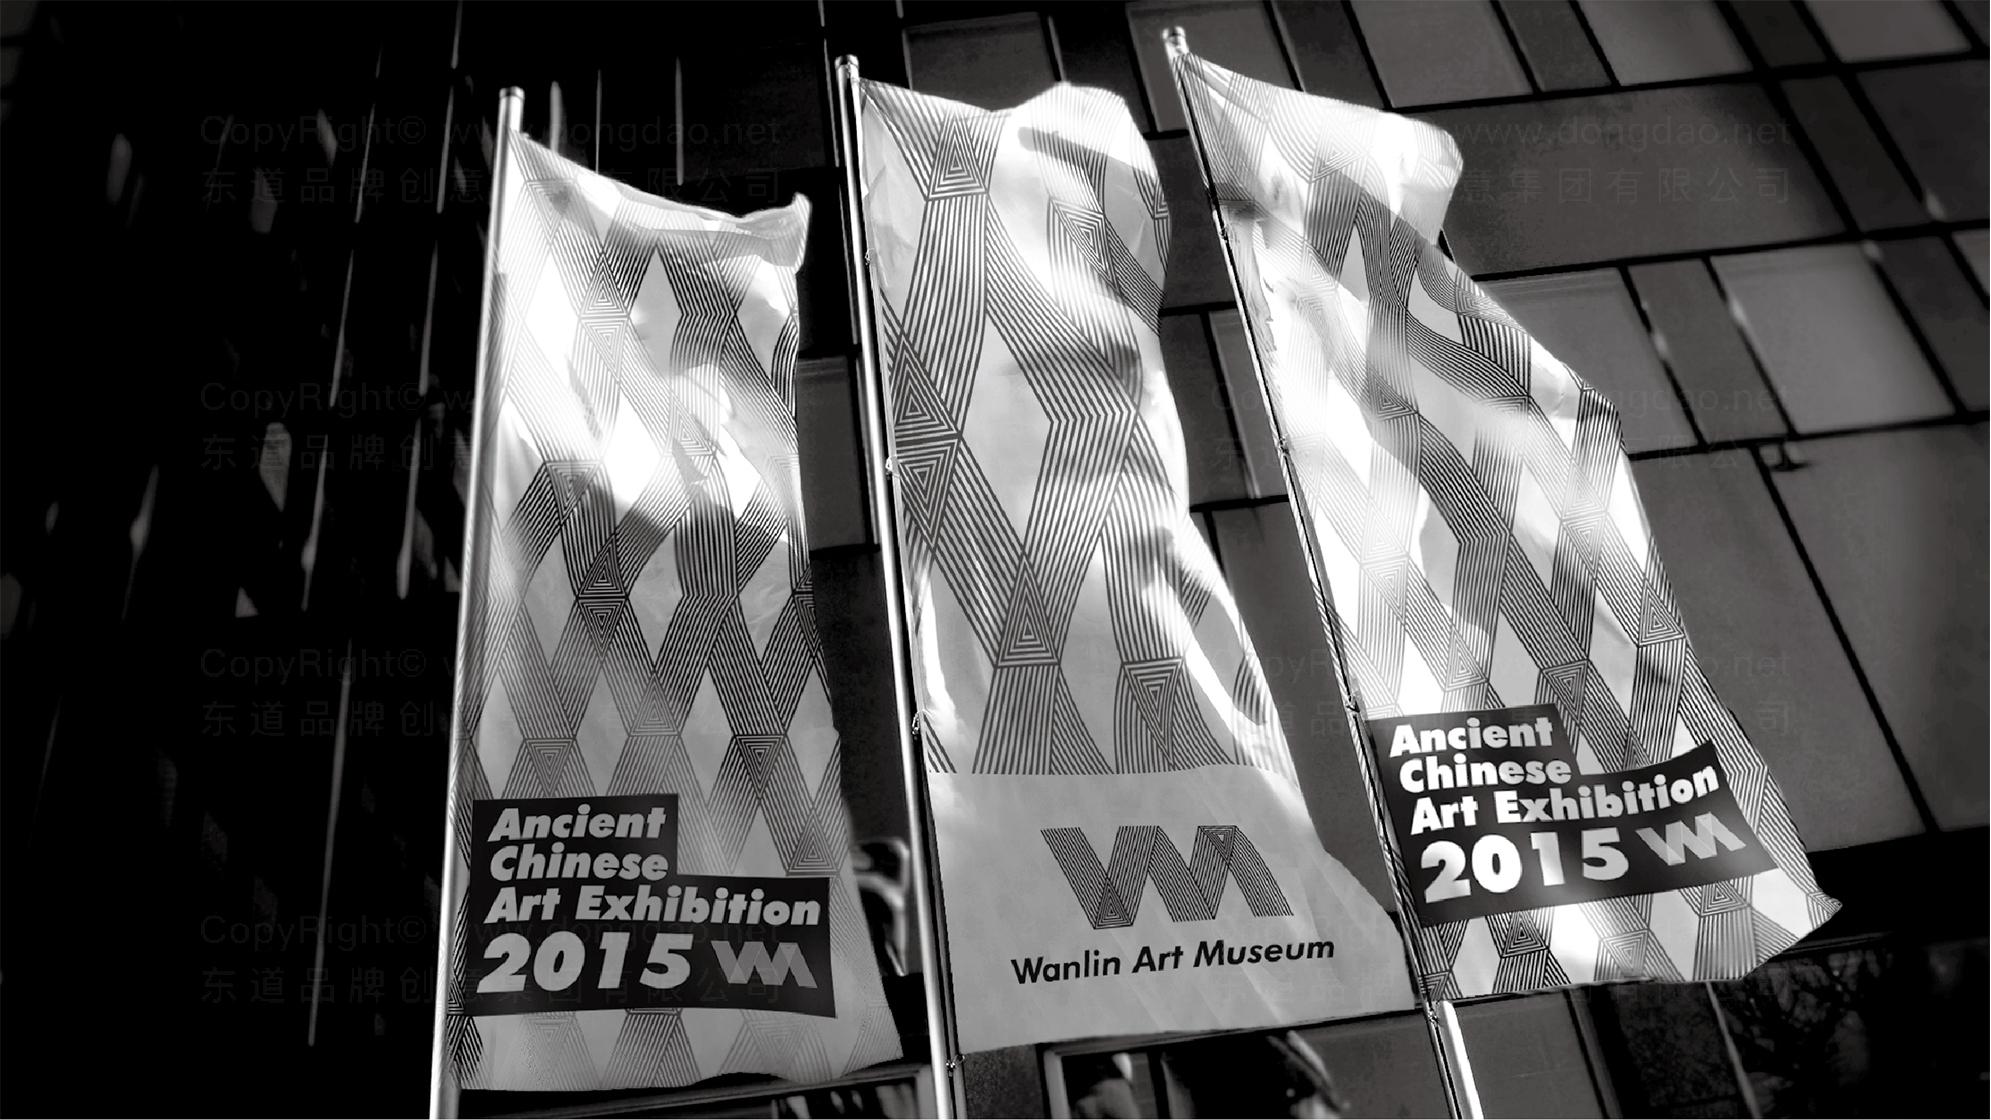 品牌设计武汉大学万林博物馆logo设计、vi设计应用场景_1